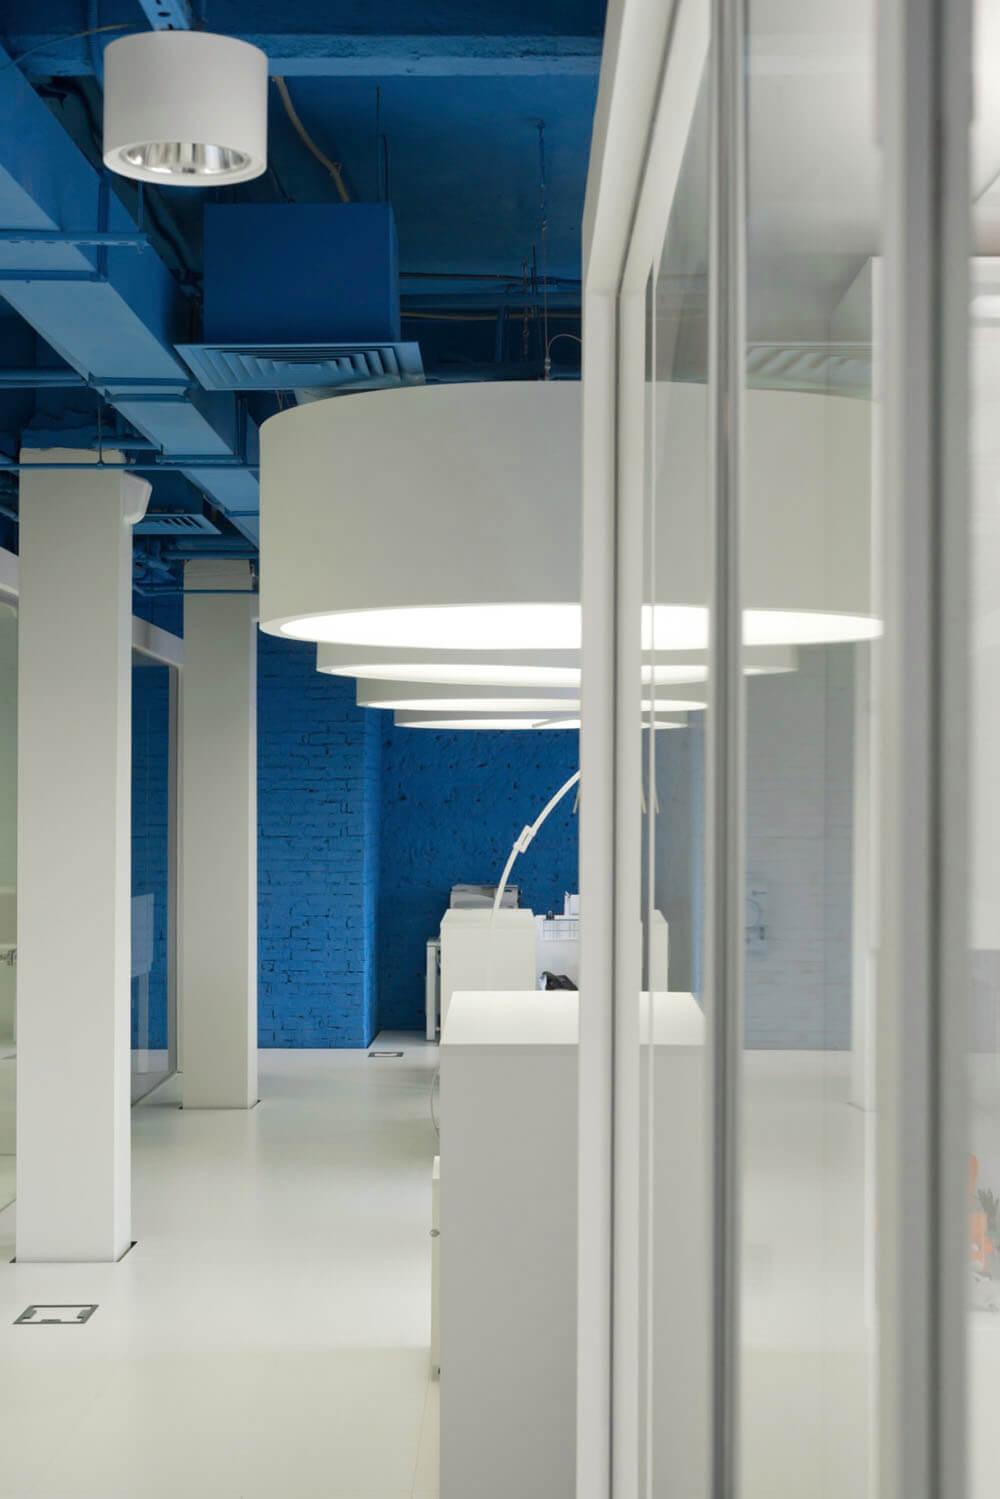 Креативное оформление офиса - синие потолок и стены, белые пол и мебель - фото 5